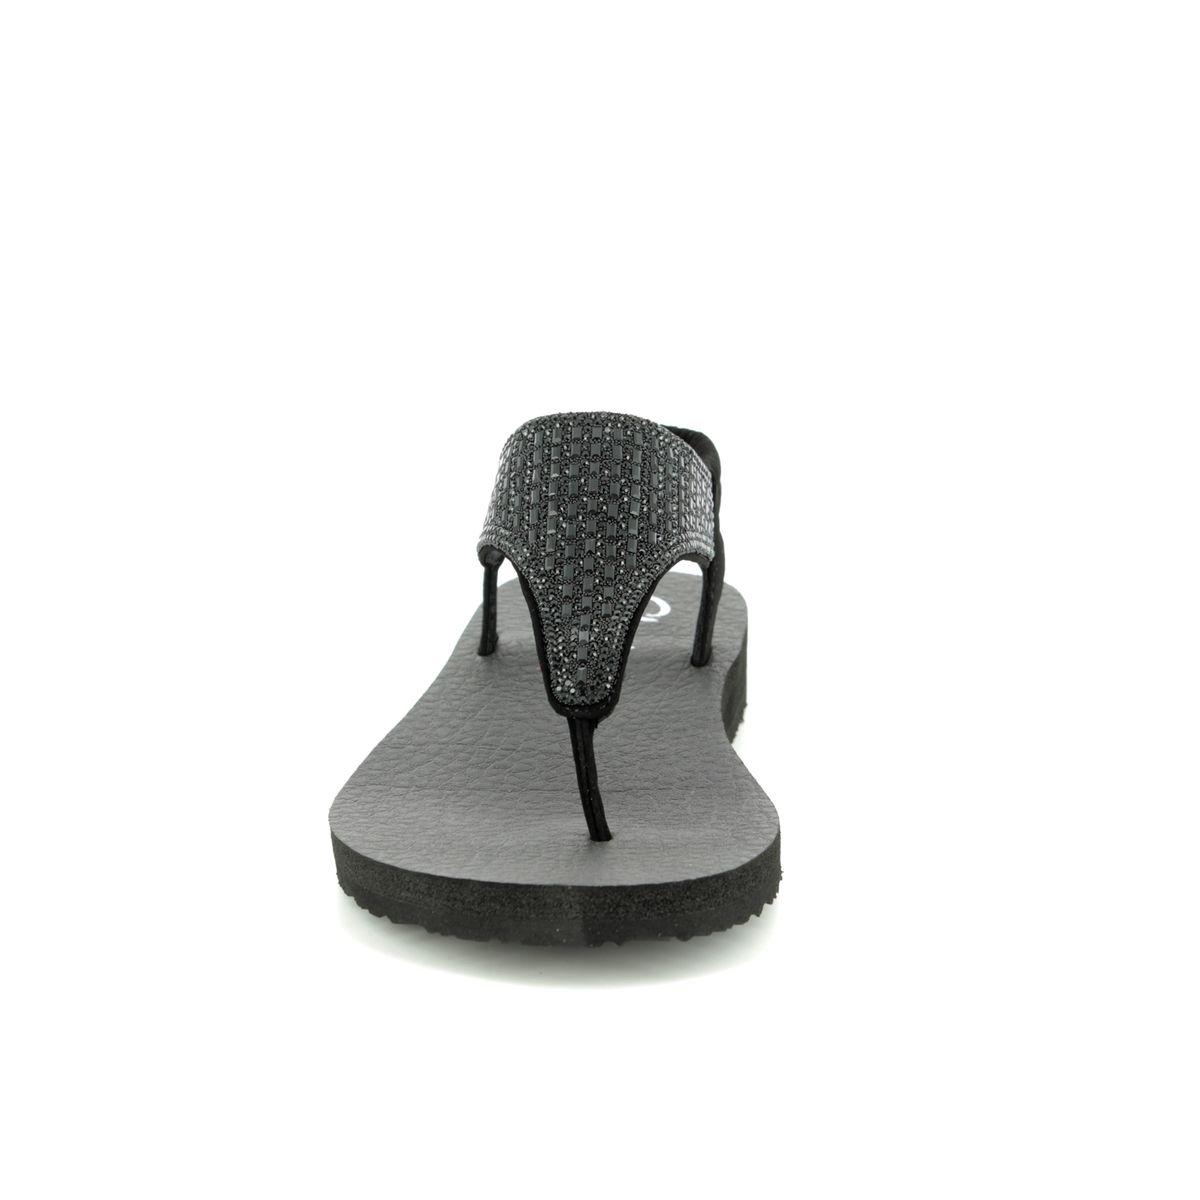 896431bf7e55 Skechers Meditation Rock Crown 31560 BBK Black Flat Sandals